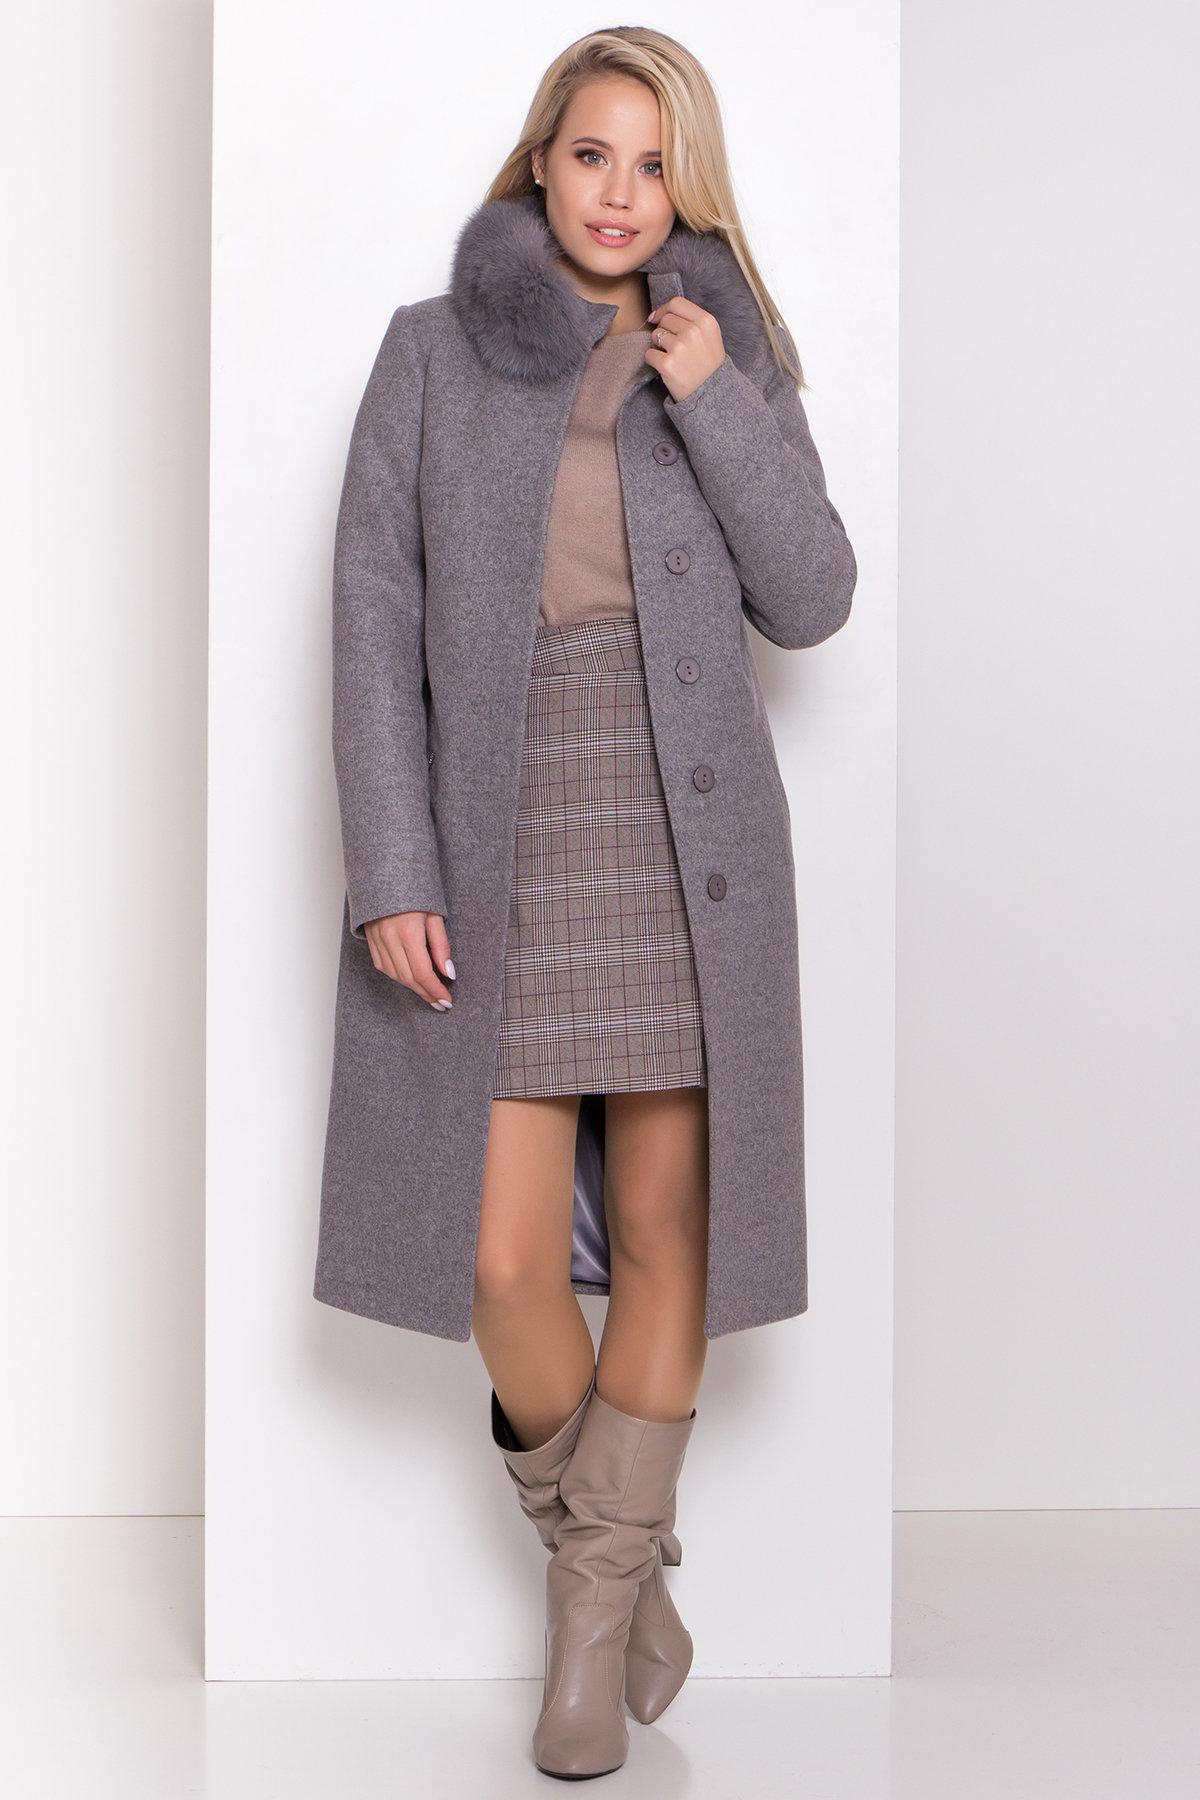 Утепленное пальто зима Люцея 8417 АРТ. 44667 Цвет: Карамель 20/1 - фото 2, интернет магазин tm-modus.ru